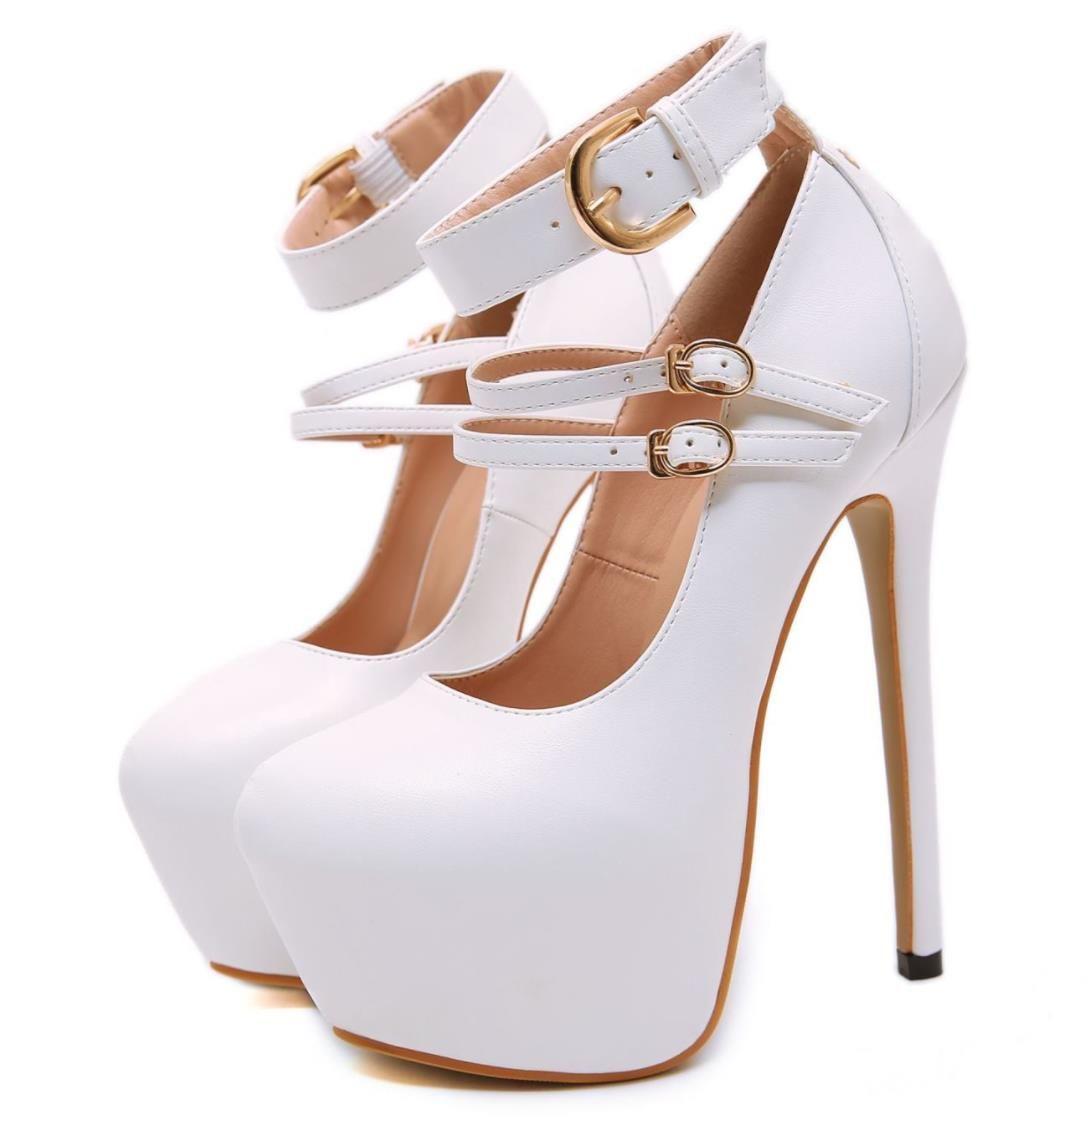 17cm avec boîte mode plate-forme de bout rond blanc ultra hauts talons pompes de mariée designer chaussures de mariage des femmes de créateurs de luxe de la mode chaussures